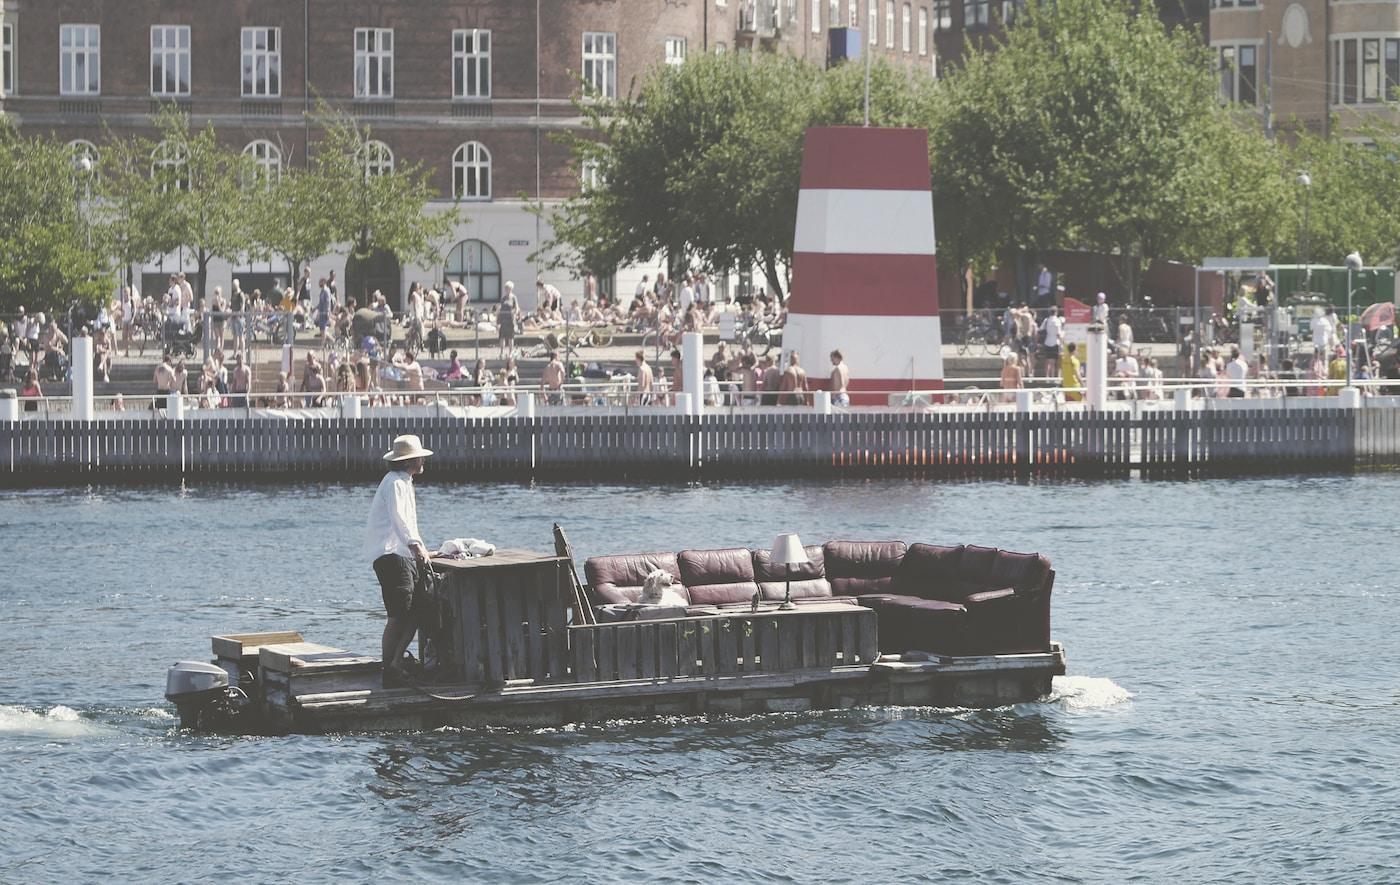 Eine Person steuert ein Floß mit einem Sofa darauf über ein Fluss. Am Flussufer sind viele Menschen zu sehen.